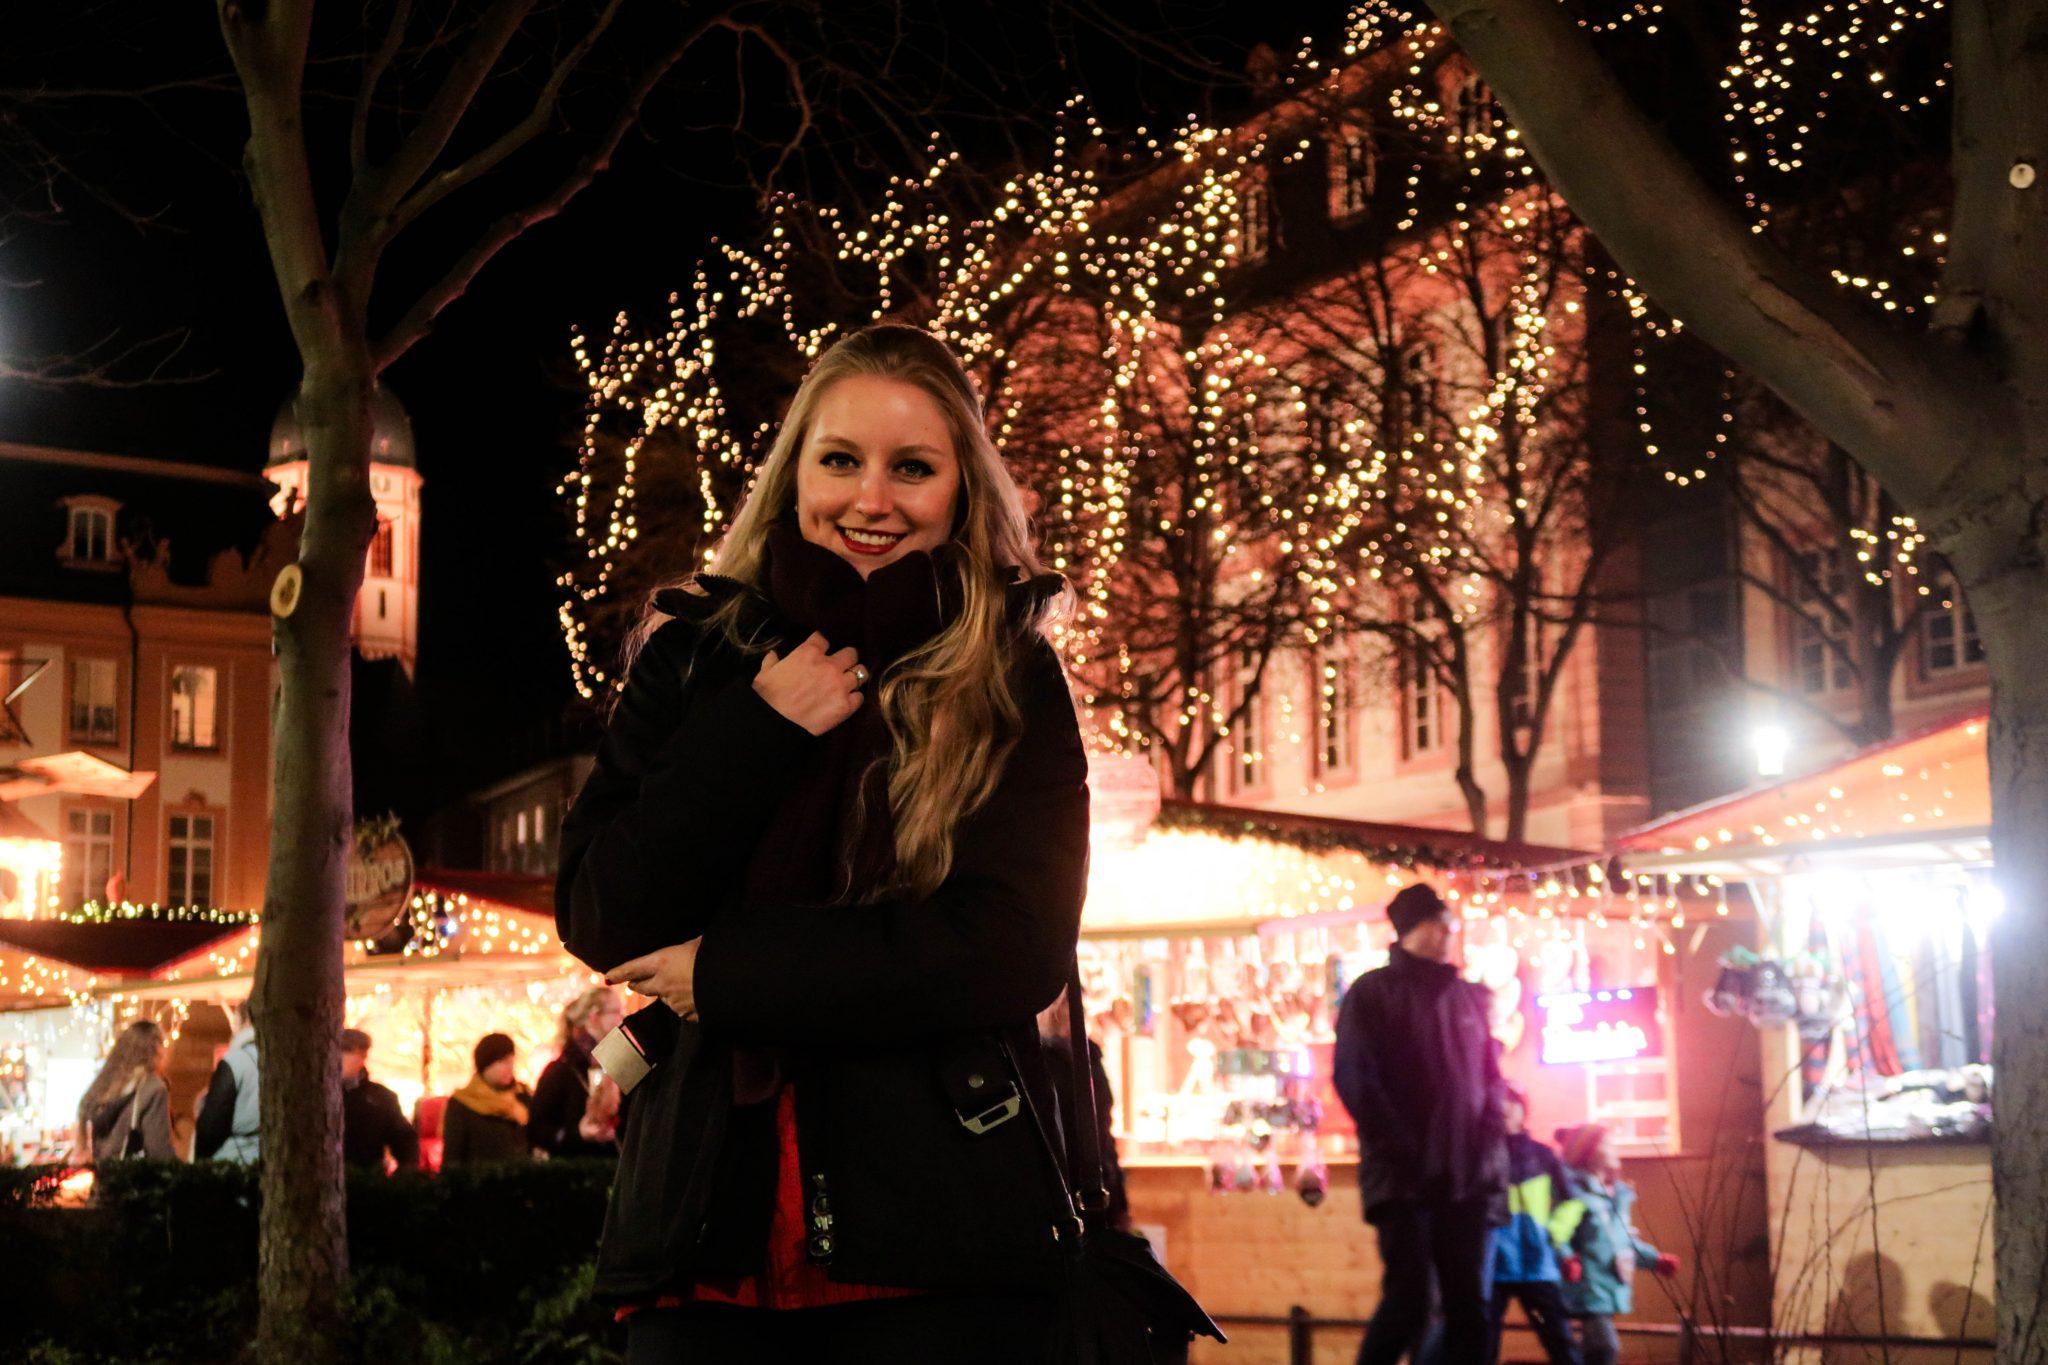 Besucht auch unbedingt die anderen Weihnachtsmärkte. Dieser ist am Schillerplatz.